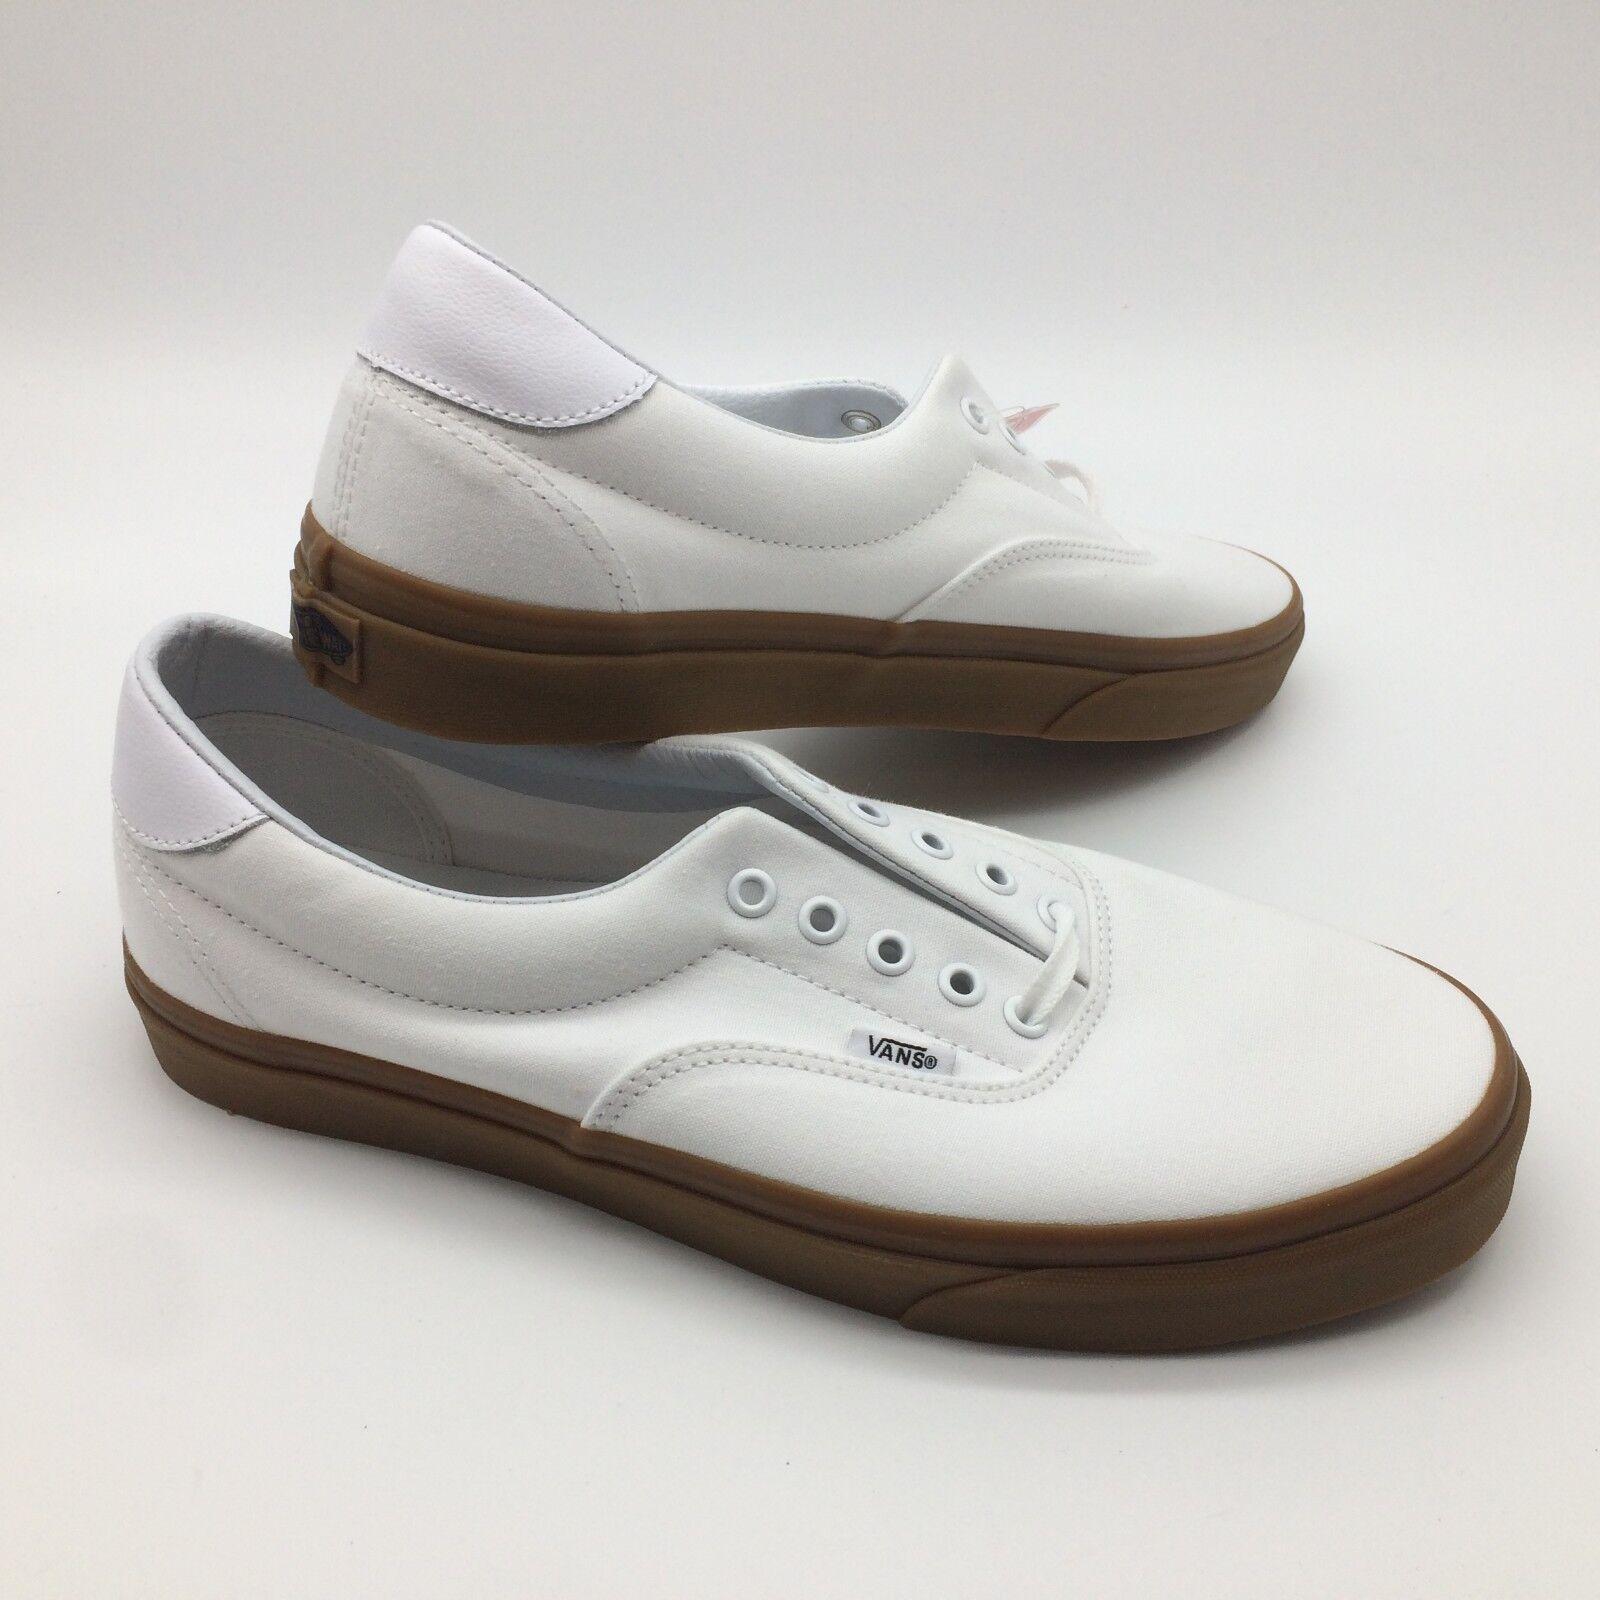 Vans Herren Schuhe   Era 150cm (Leinen Gum) Weiß Hell Gum